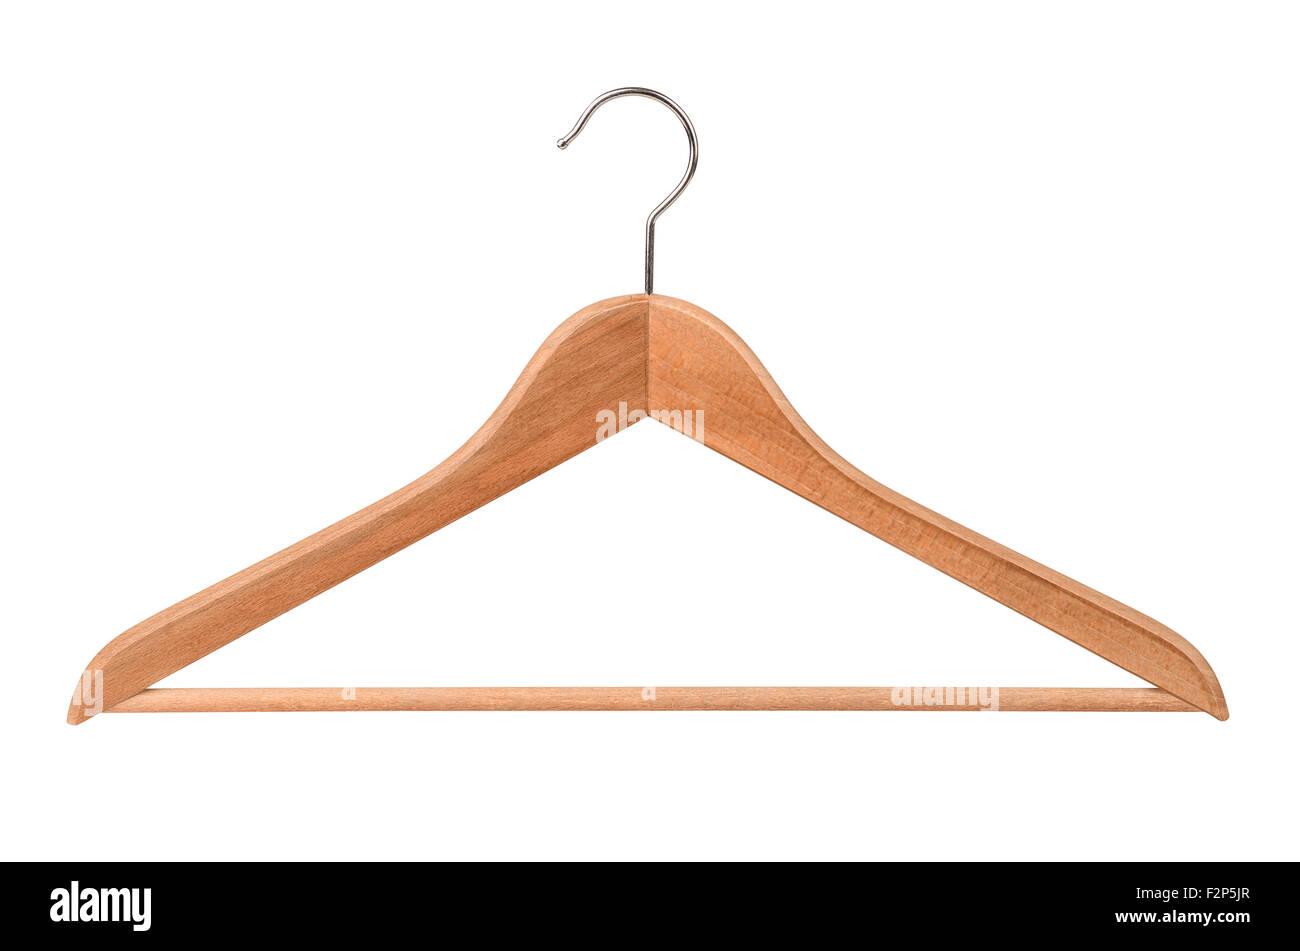 Percha de madera aislado en blanco Foto de stock